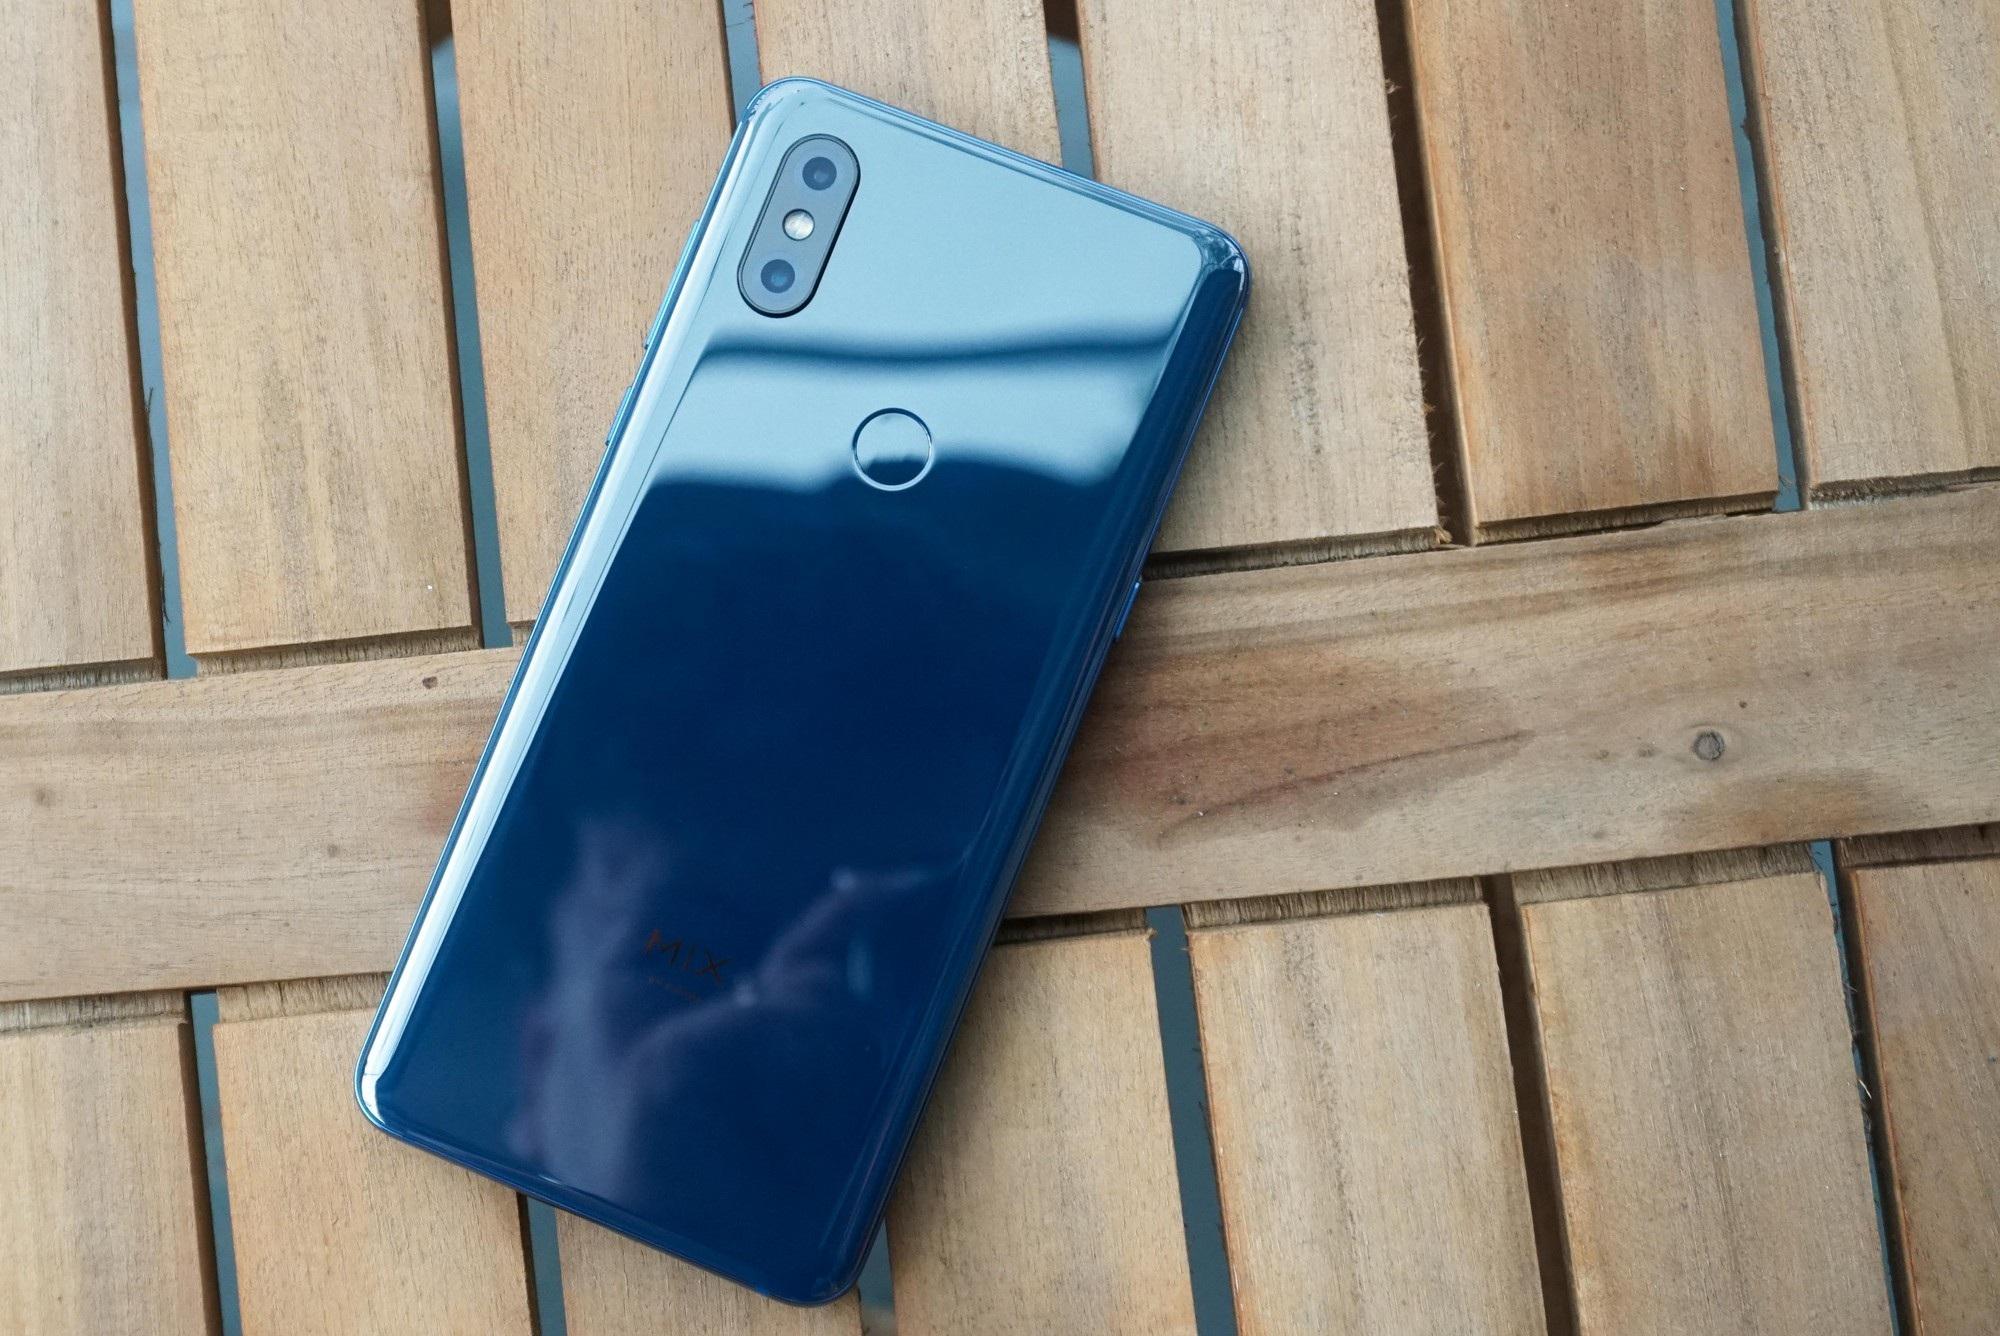 Smartphone trượt đầu tiên của Xiaomi bán tại Việt Nam với giá 12,9 triệu đồng - Ảnh 2.